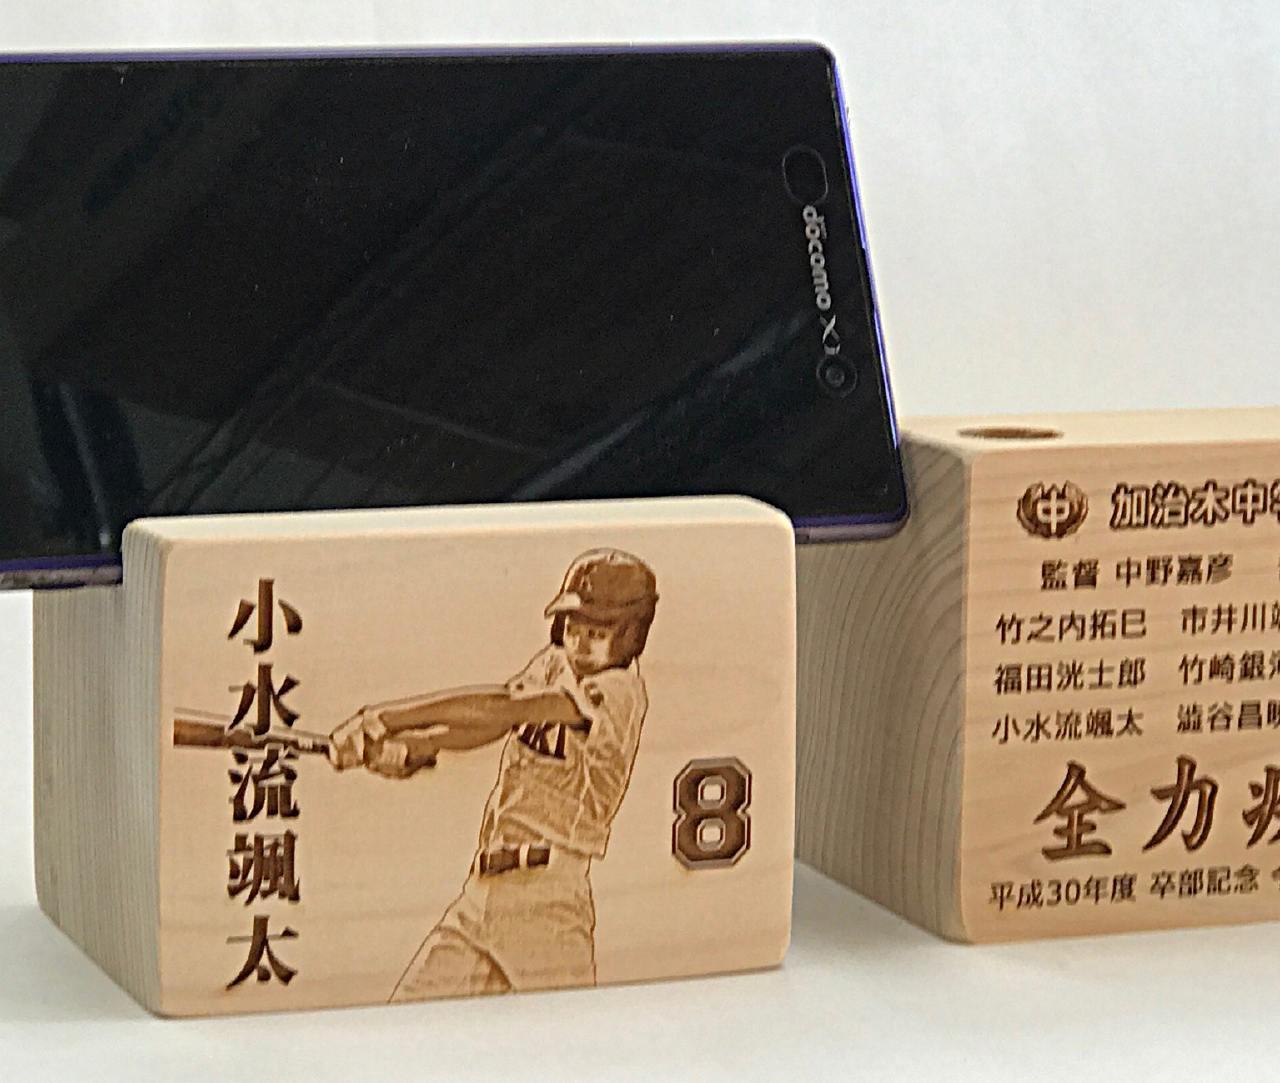 野球卒業記念品 ヒノキで皆さんを笑顔に。